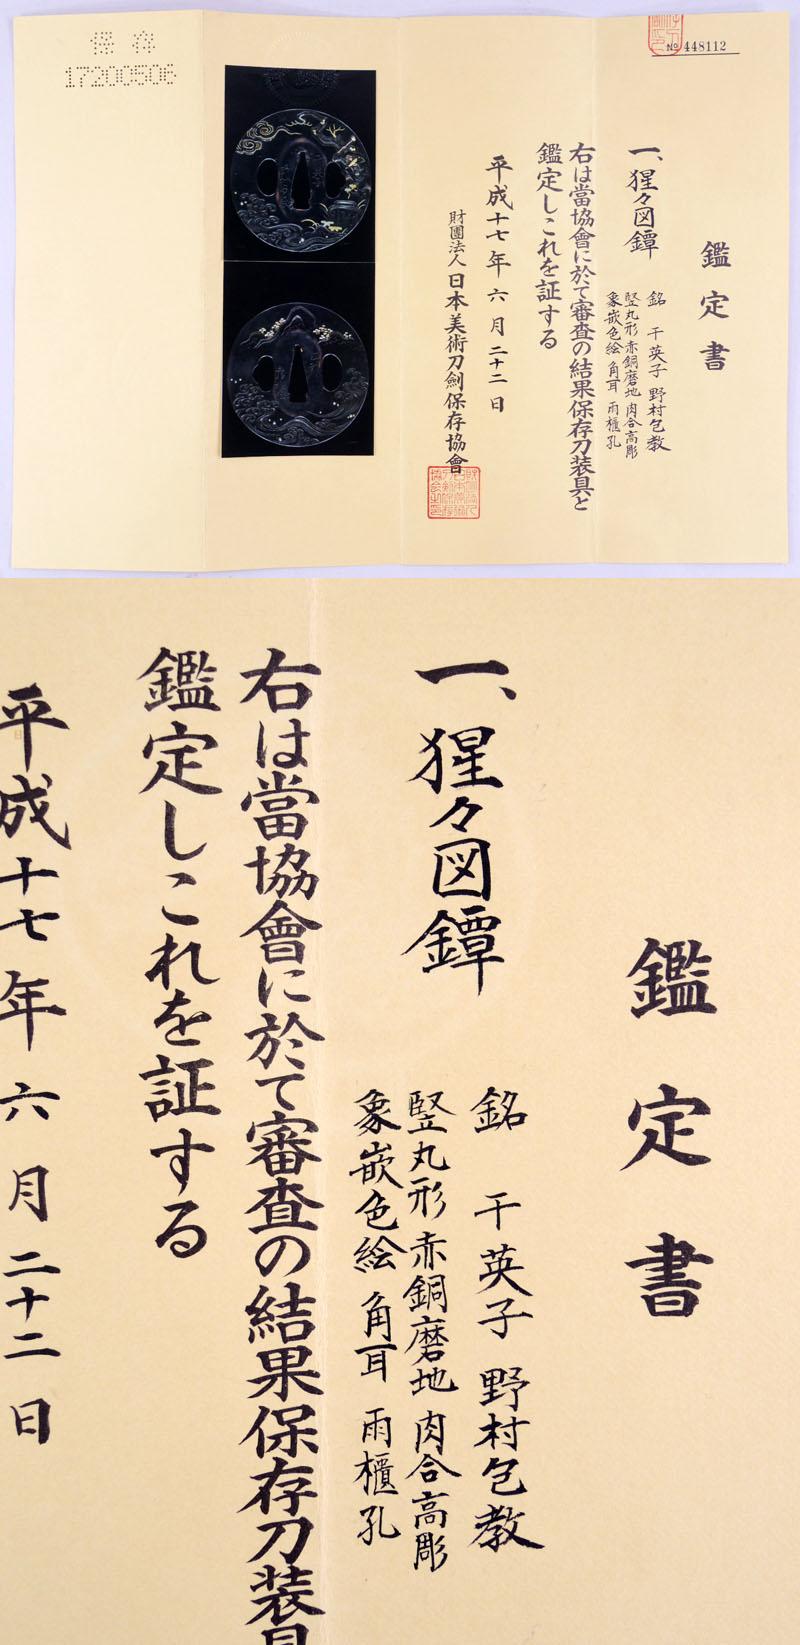 猩々図鐔 千英子 野村包教     江州彦根住 Picture of Certificate